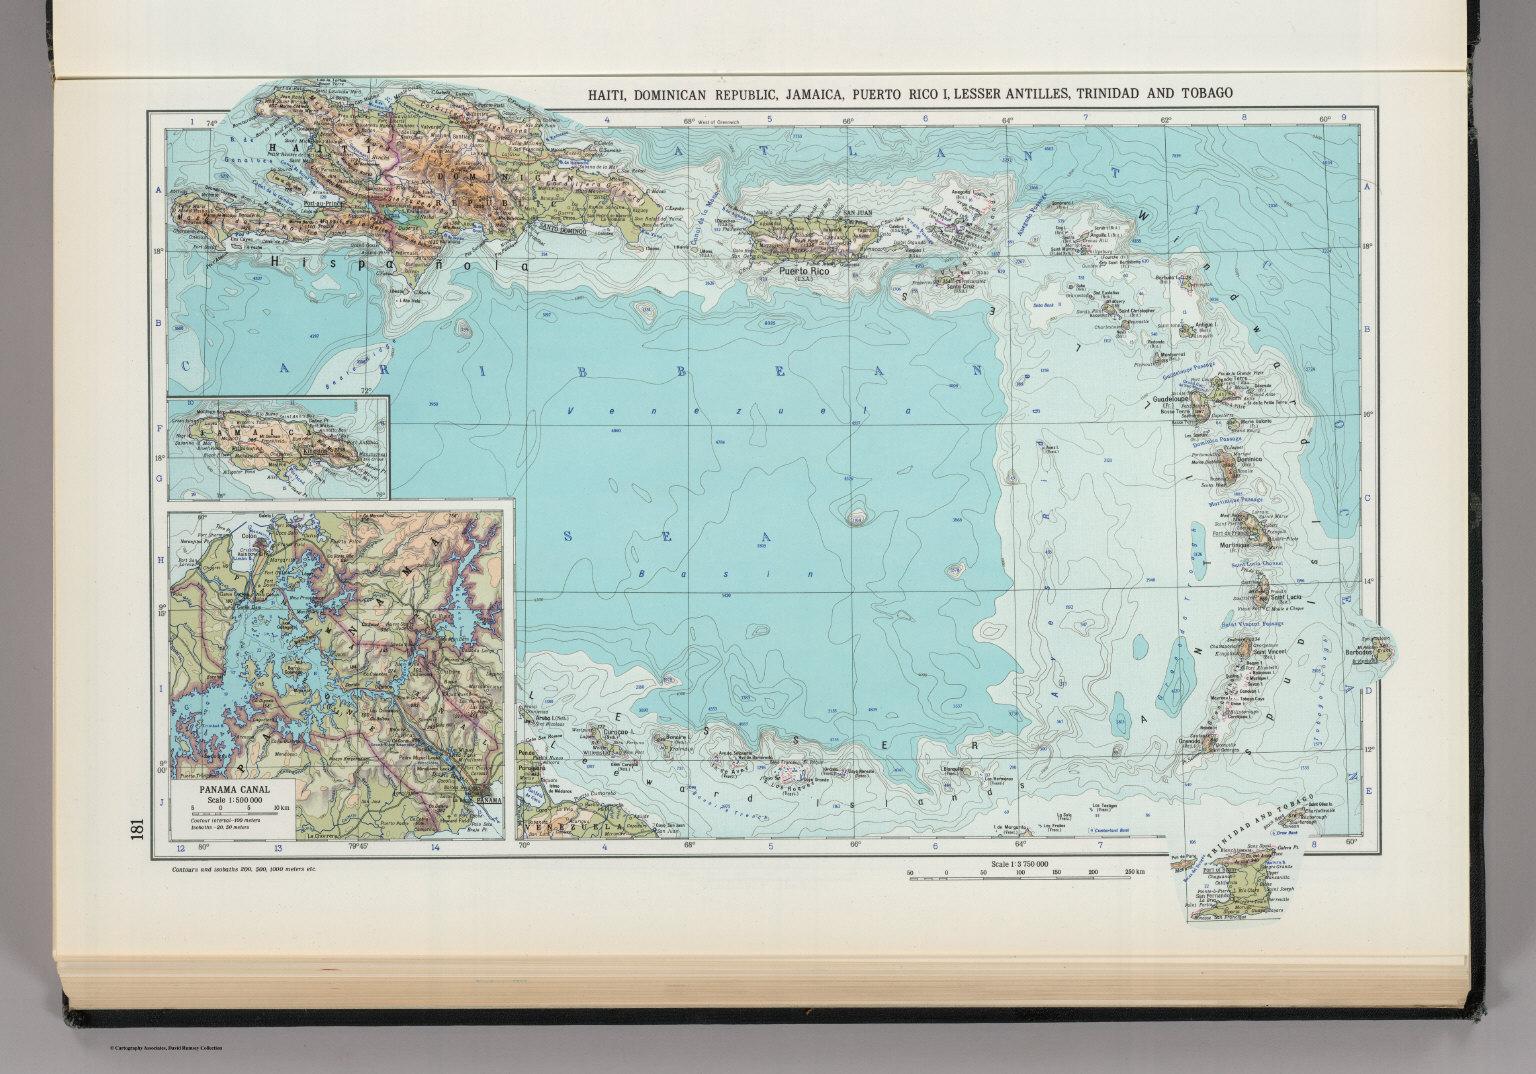 181 haiti dominican republic jamaica puerto rico island lesser haiti dominican republic jamaica puerto rico island lesser antilles trinidad and gumiabroncs Images